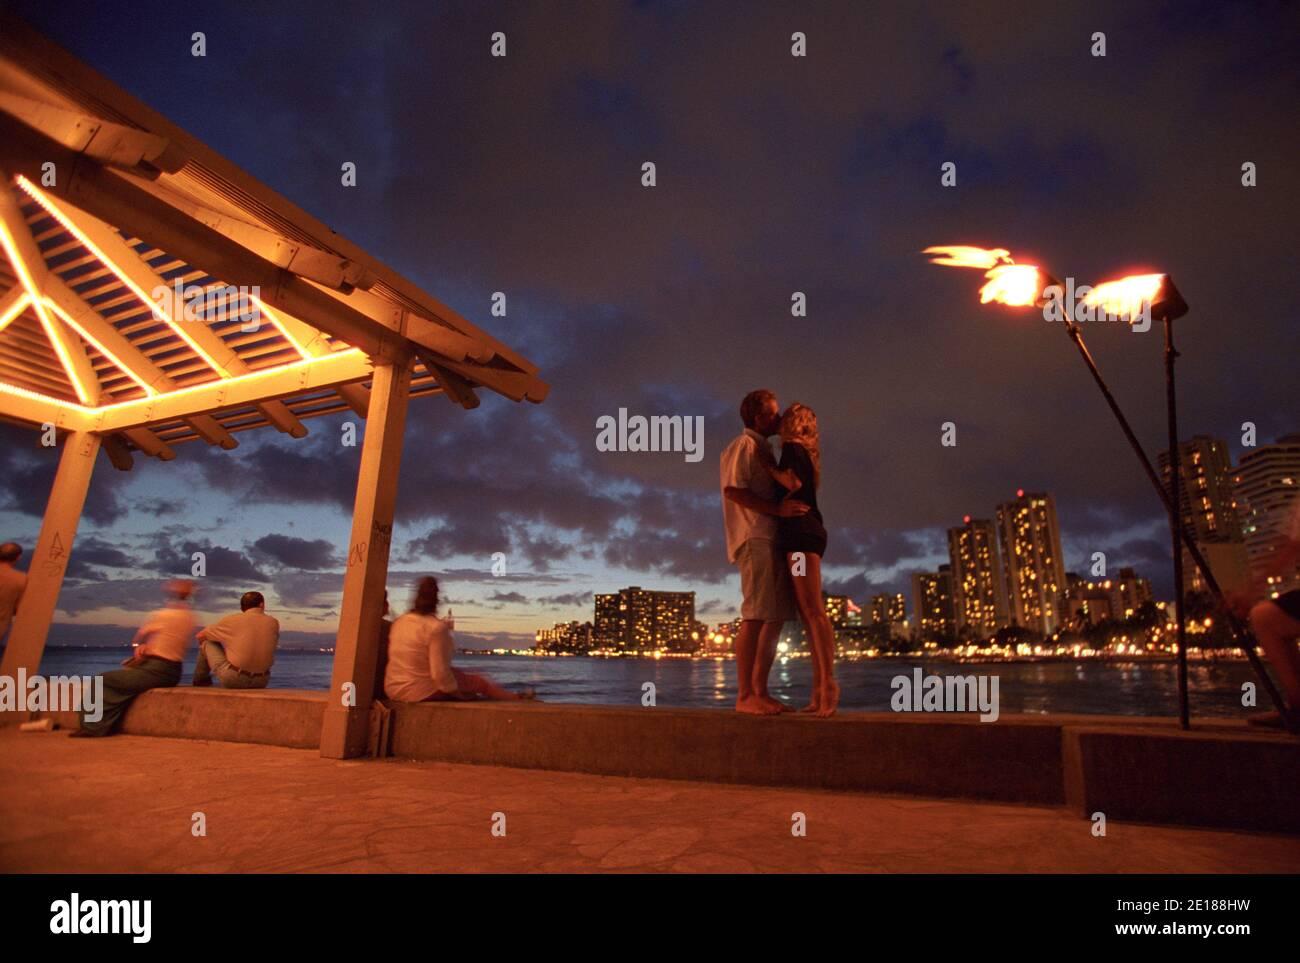 Pareja besando en un muelle en Waikiki al atardecer con antorchas tiki y luces de hotel en el fondo Foto de stock